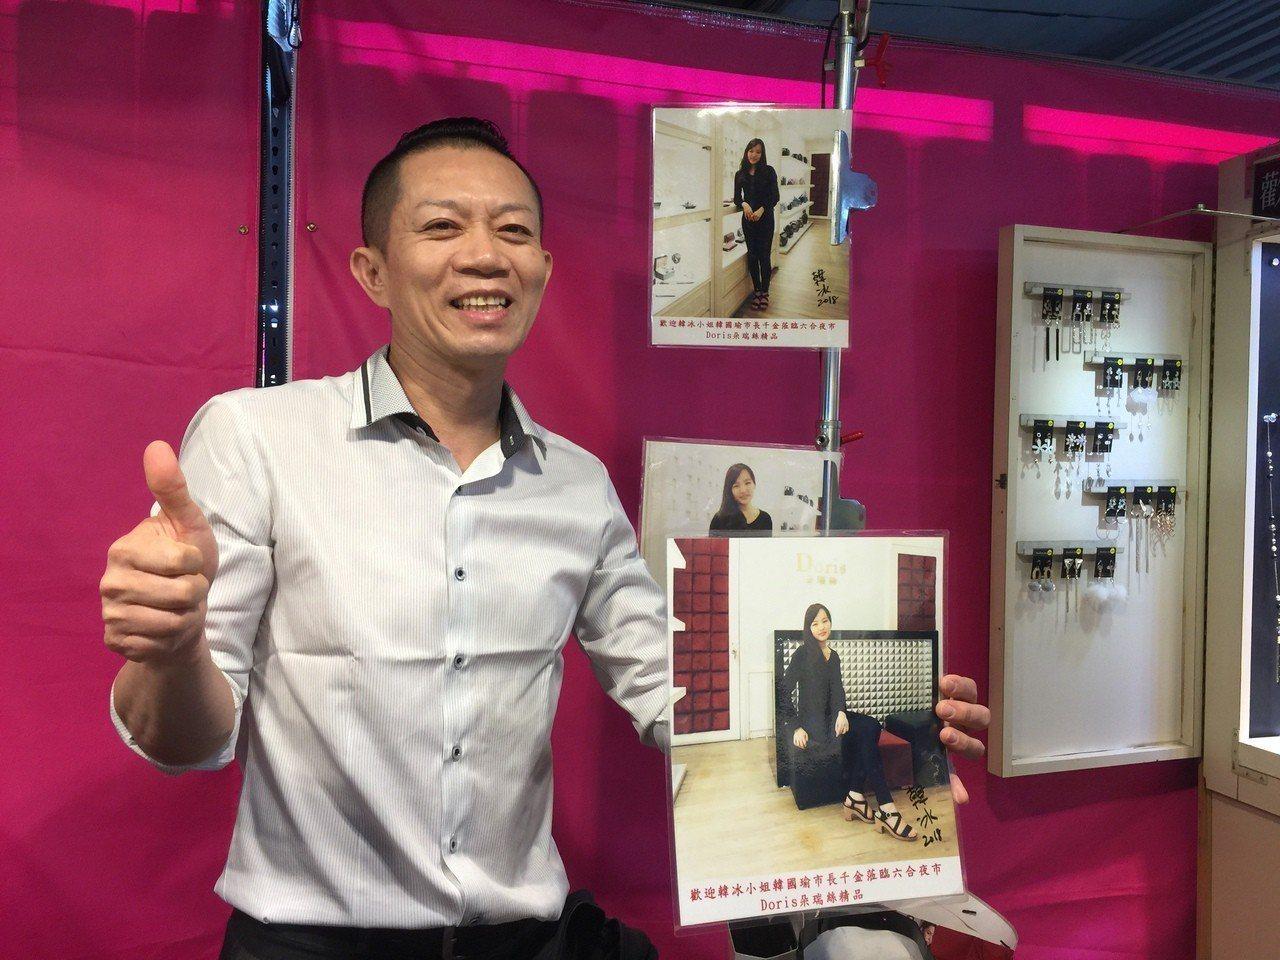 高雄市六合夜市朵瑞絲時尚精品店的許姓老闆感謝韓冰照片的助力,決定要以韓冰的名義捐...